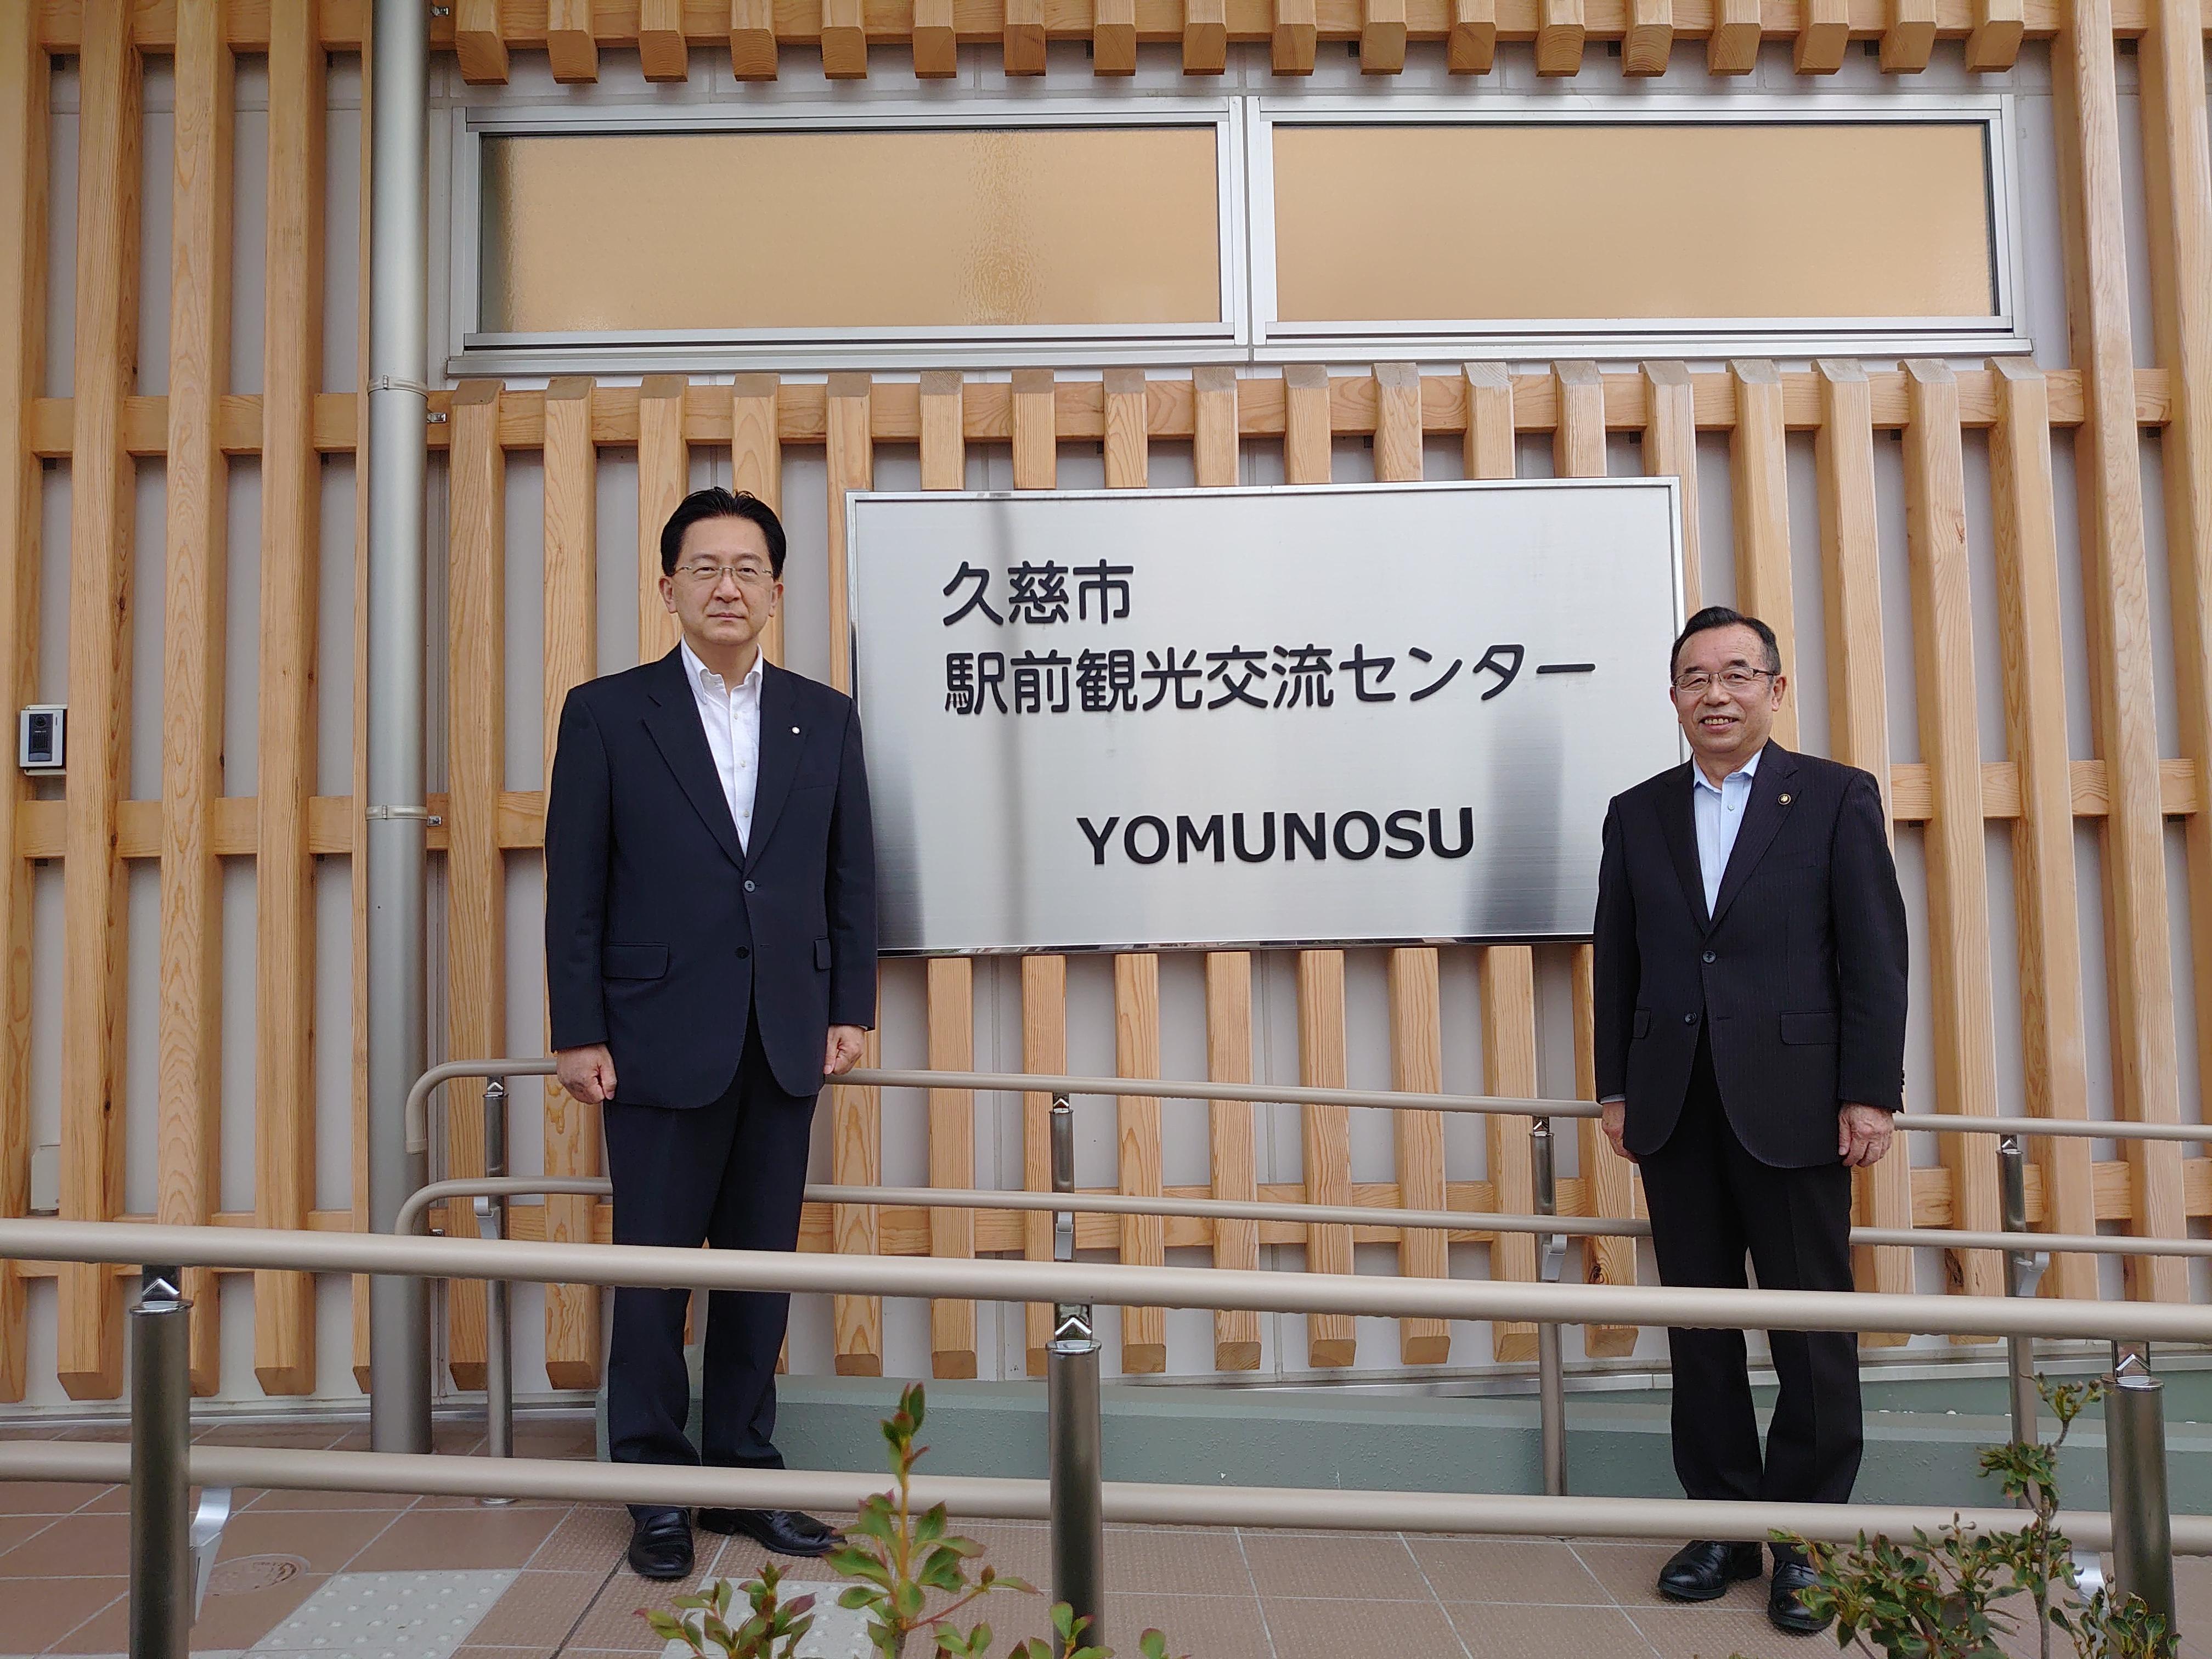 画像:達増知事が、YOMUNOSUを見学されました。